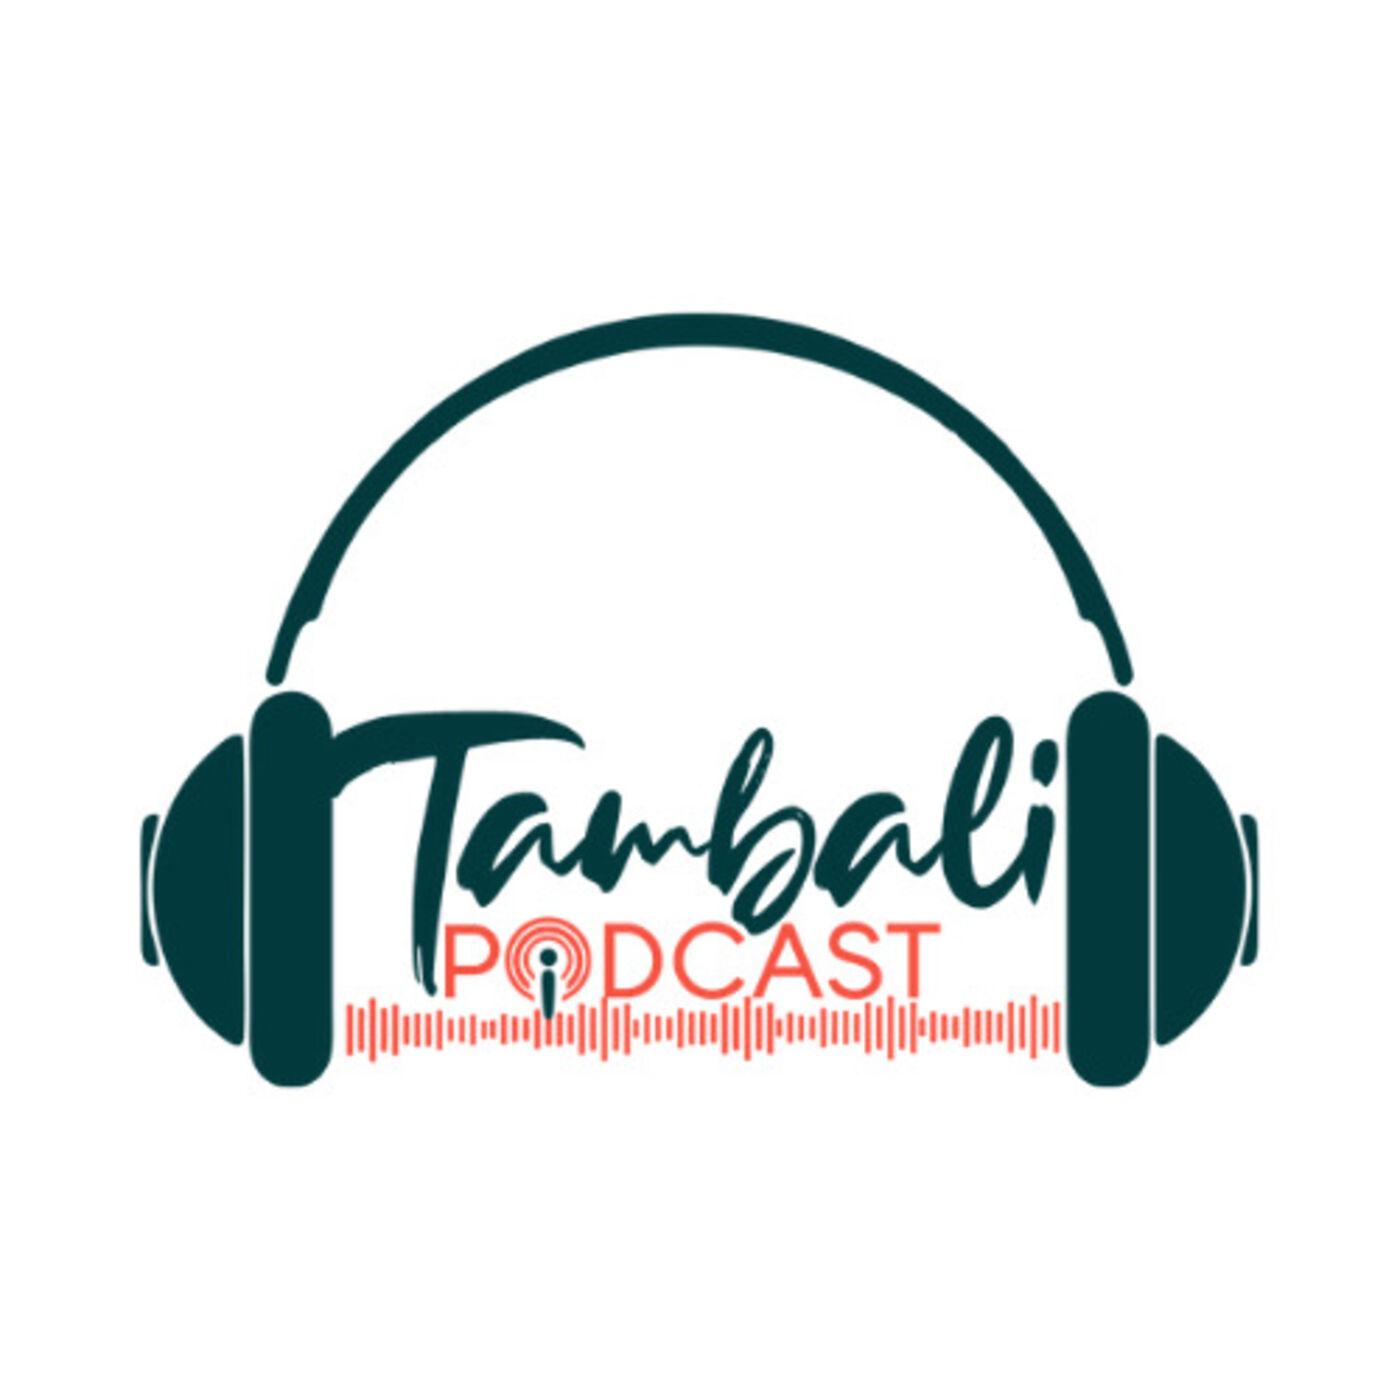 Tambali Podcast